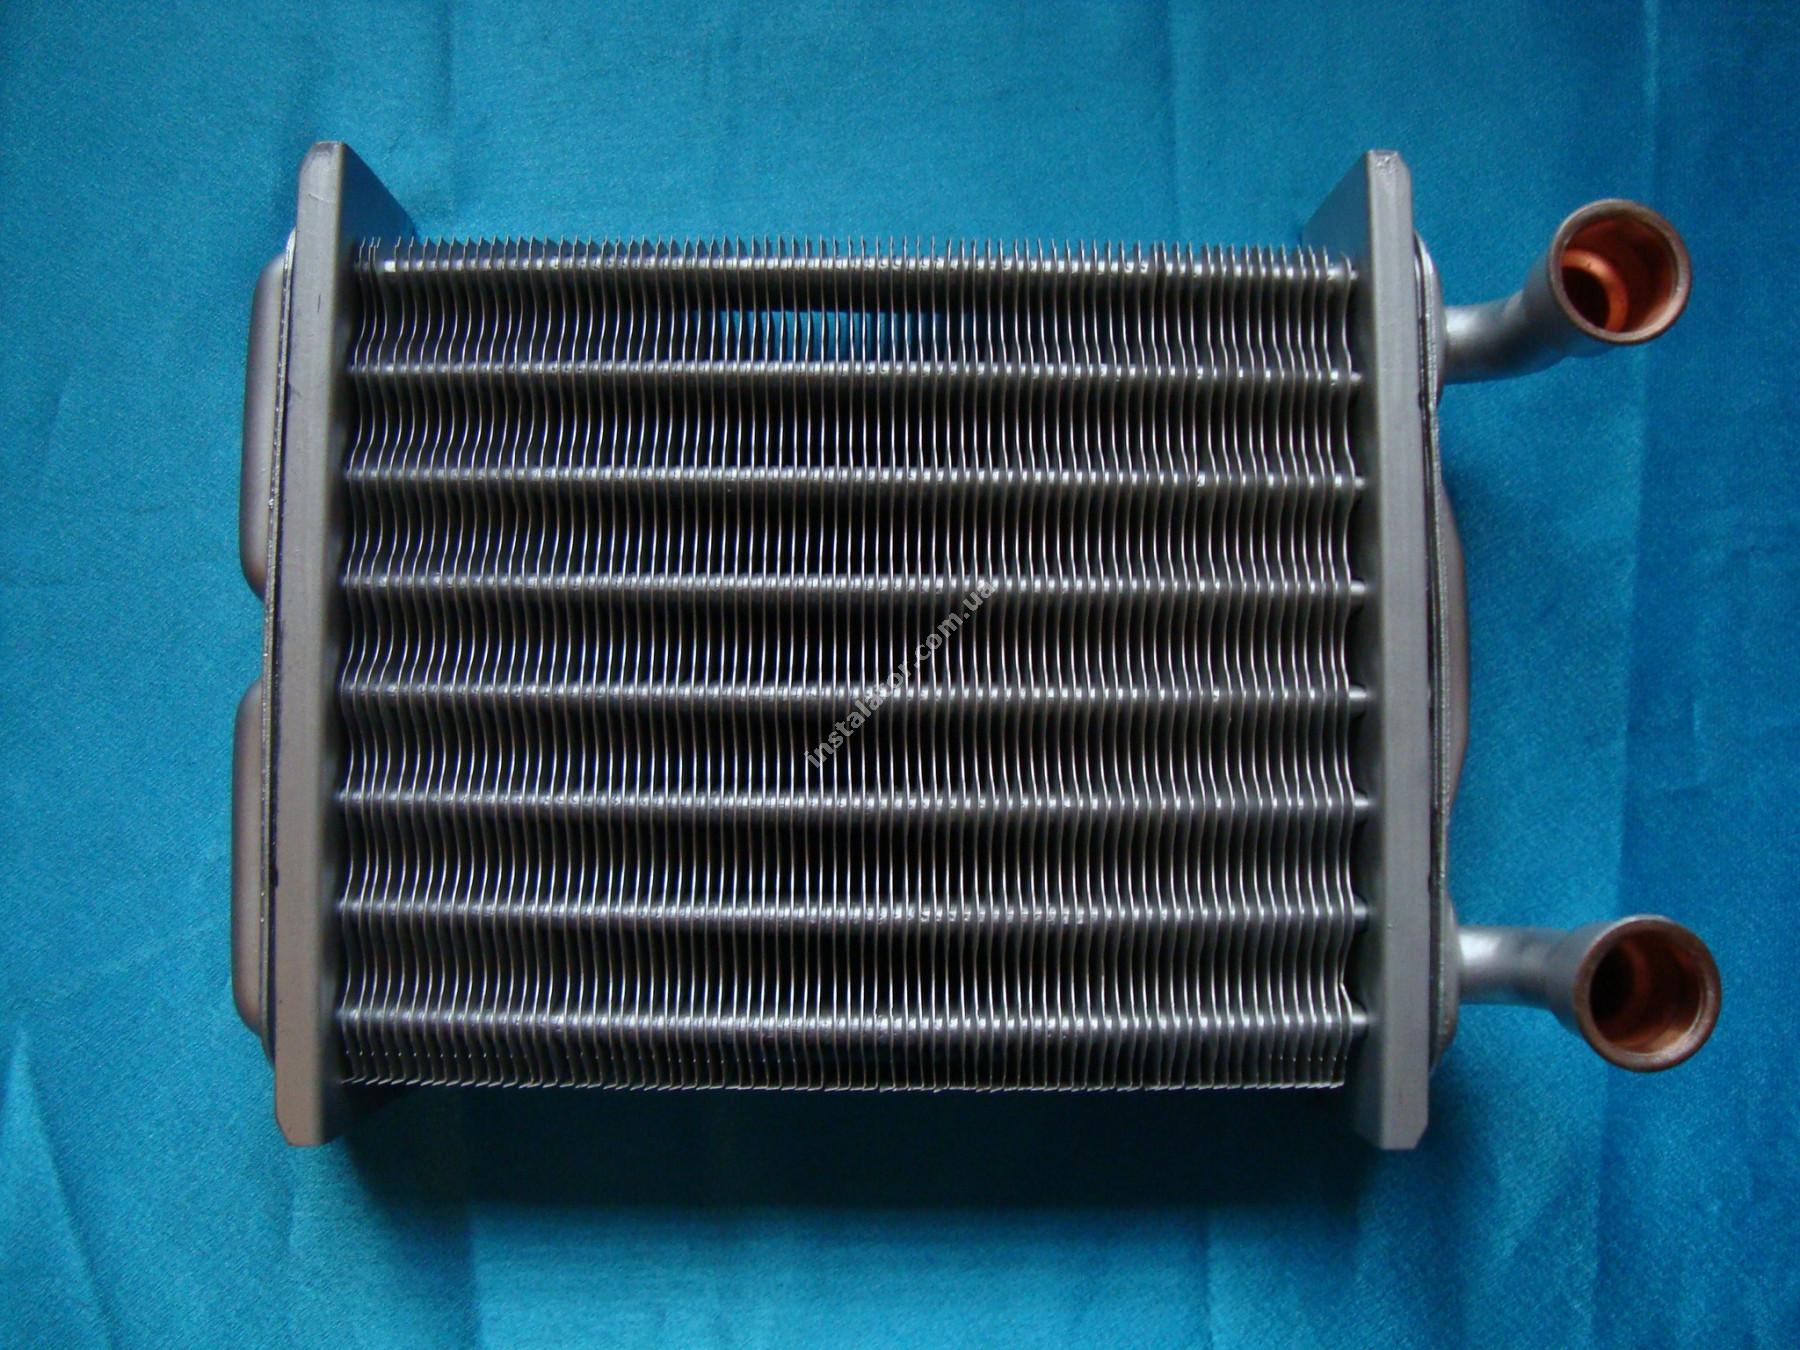 BI1562103 Теплообмінник первинний BIASI Rinnova, Ivonia (турбовані версії) full-image-3